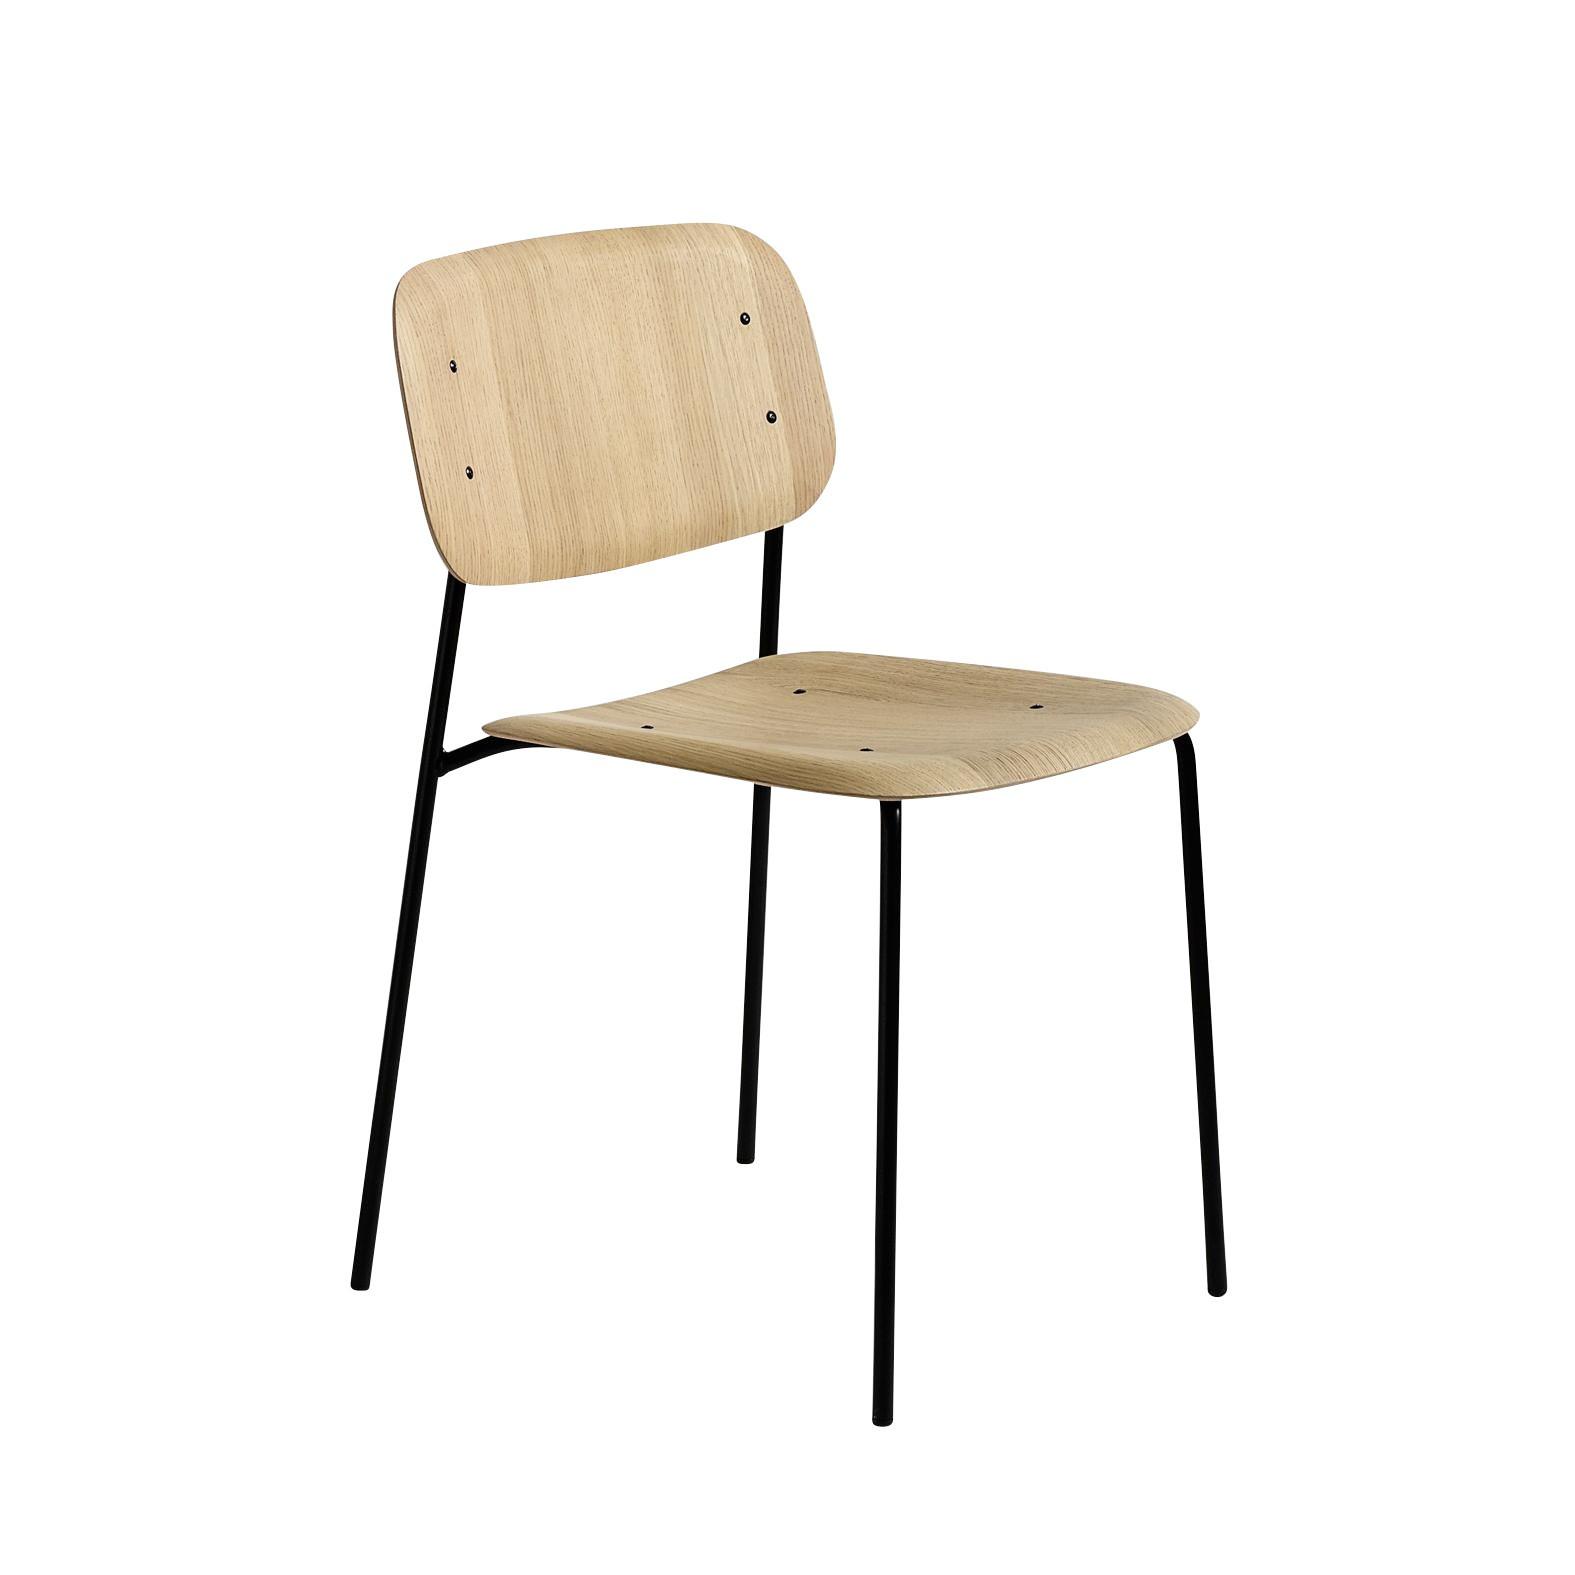 Soft Edge Stuhl Gestell Stahl schwarz